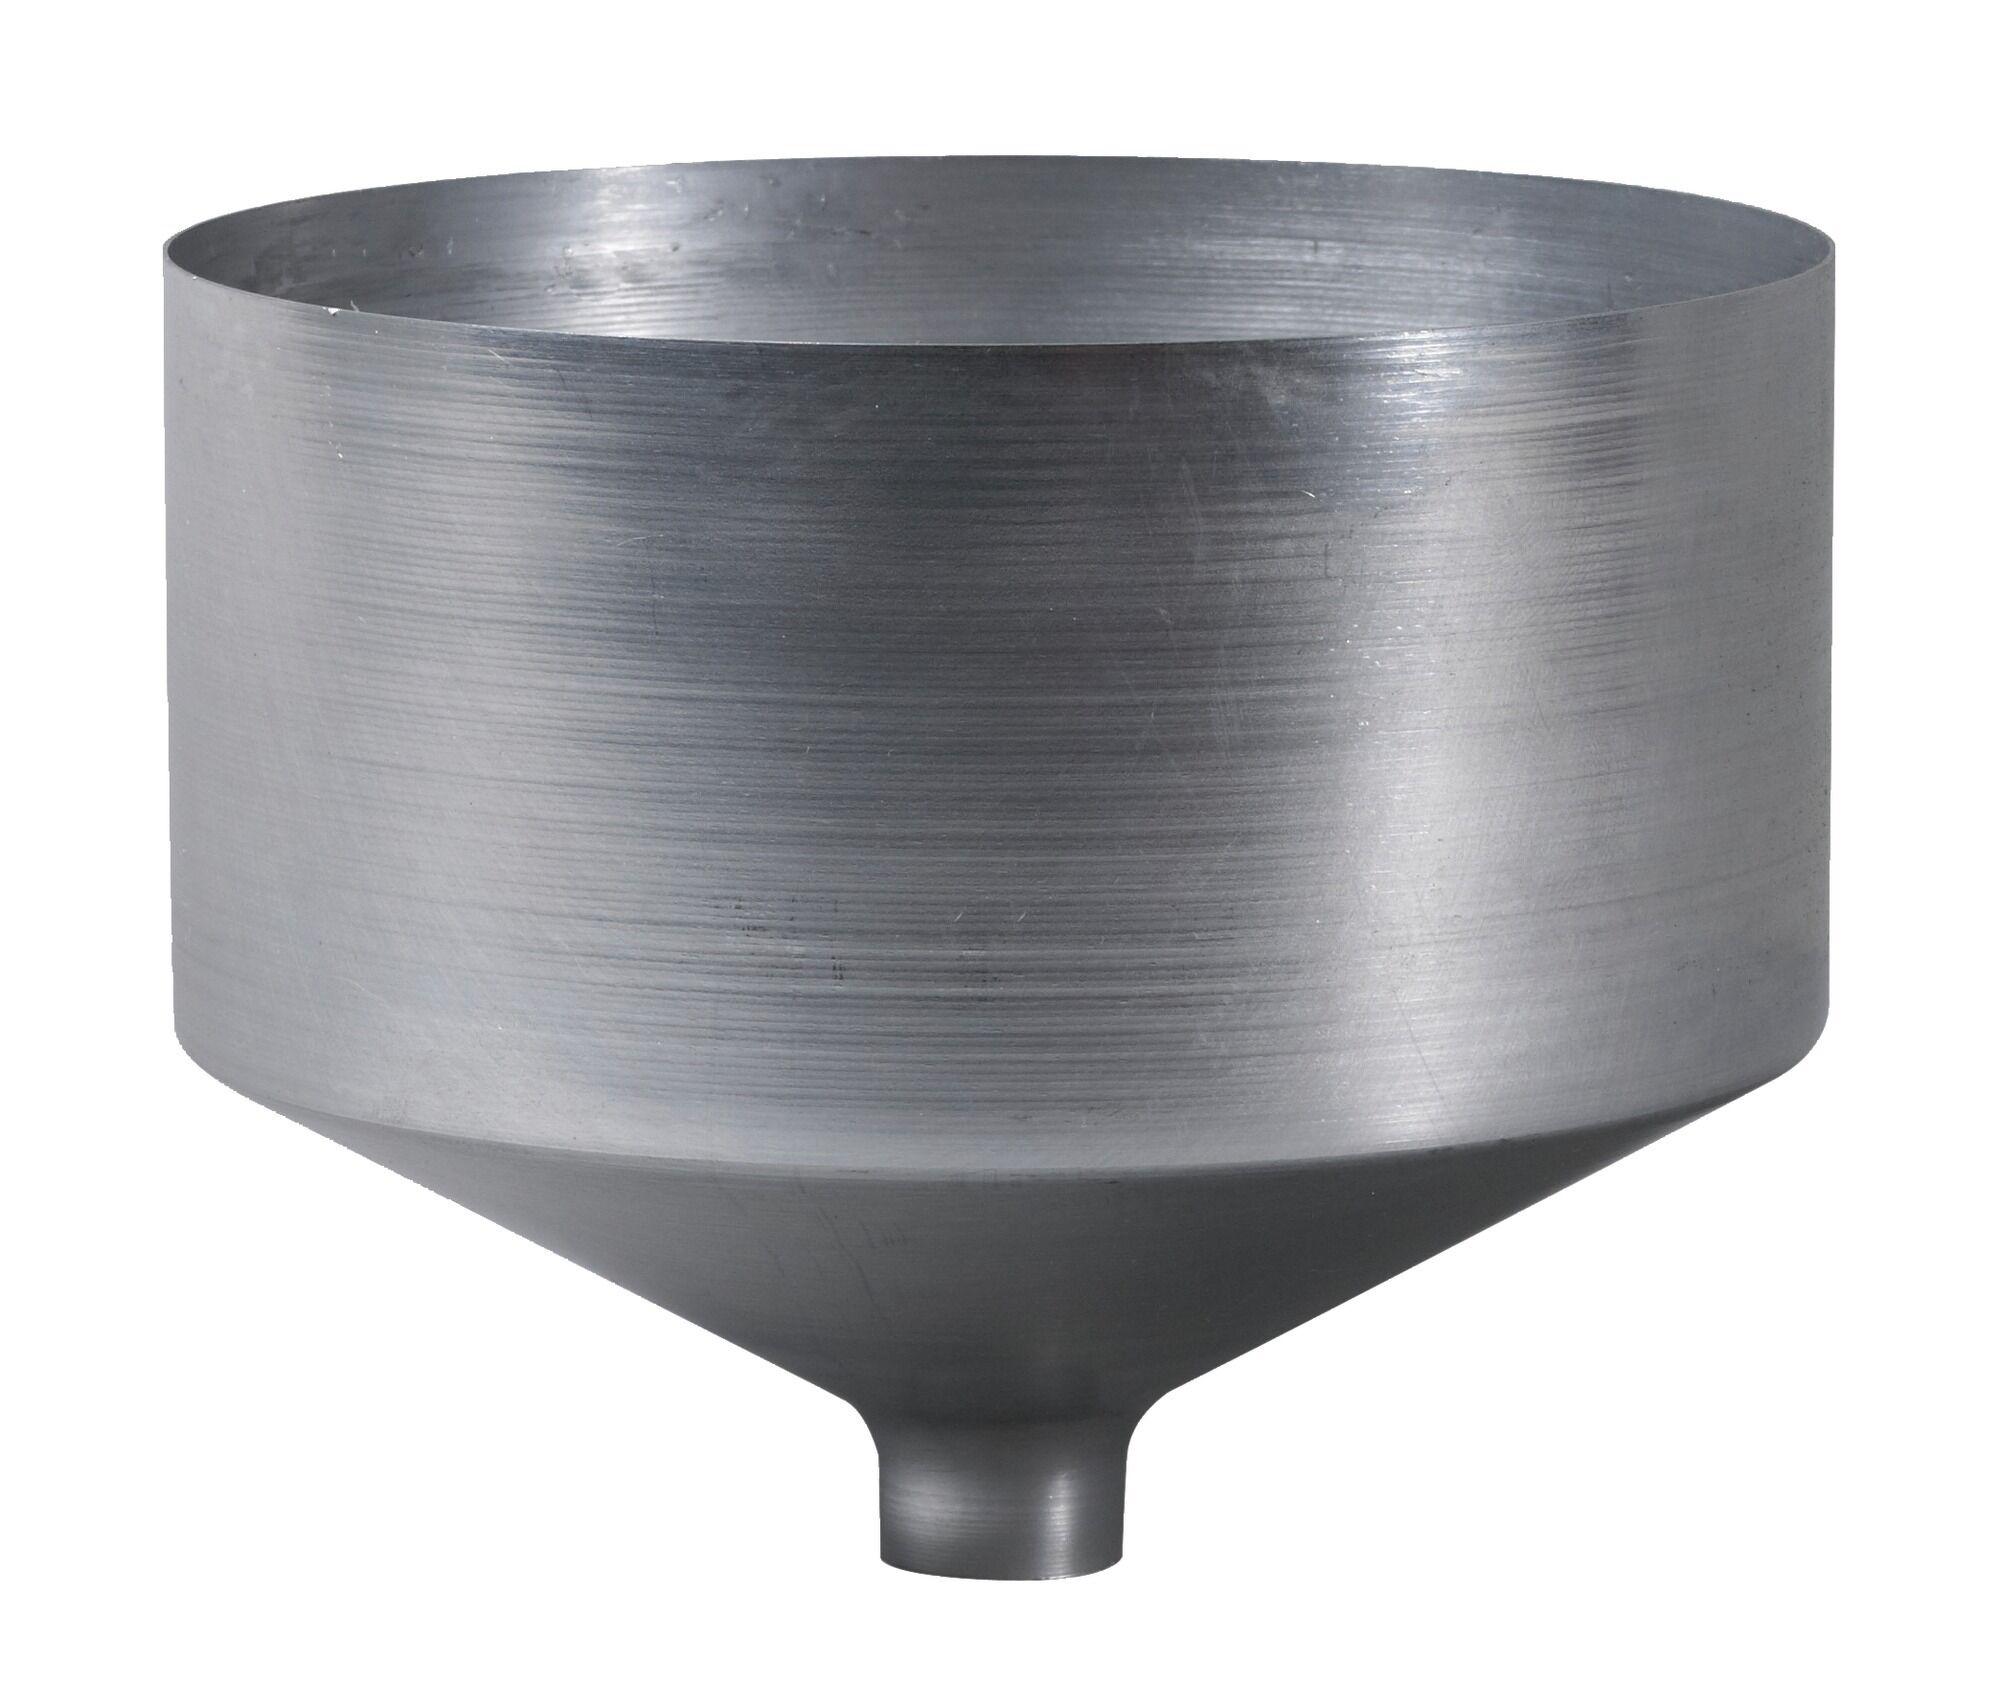 TEN Purge aluminium Ø125 - TOLERIE GENERALE - 900125